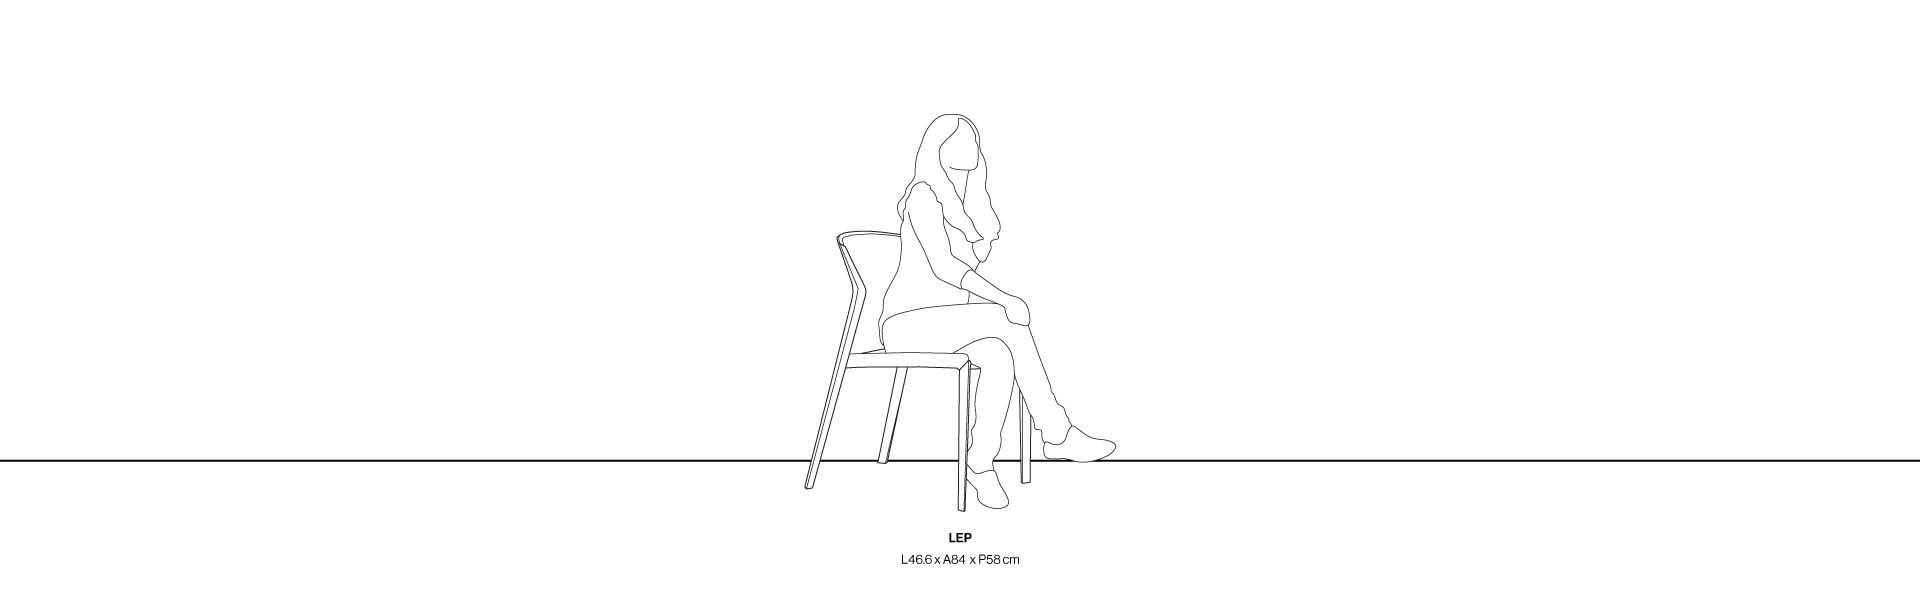 [Cadeira Lep] Gif Seção Módulos